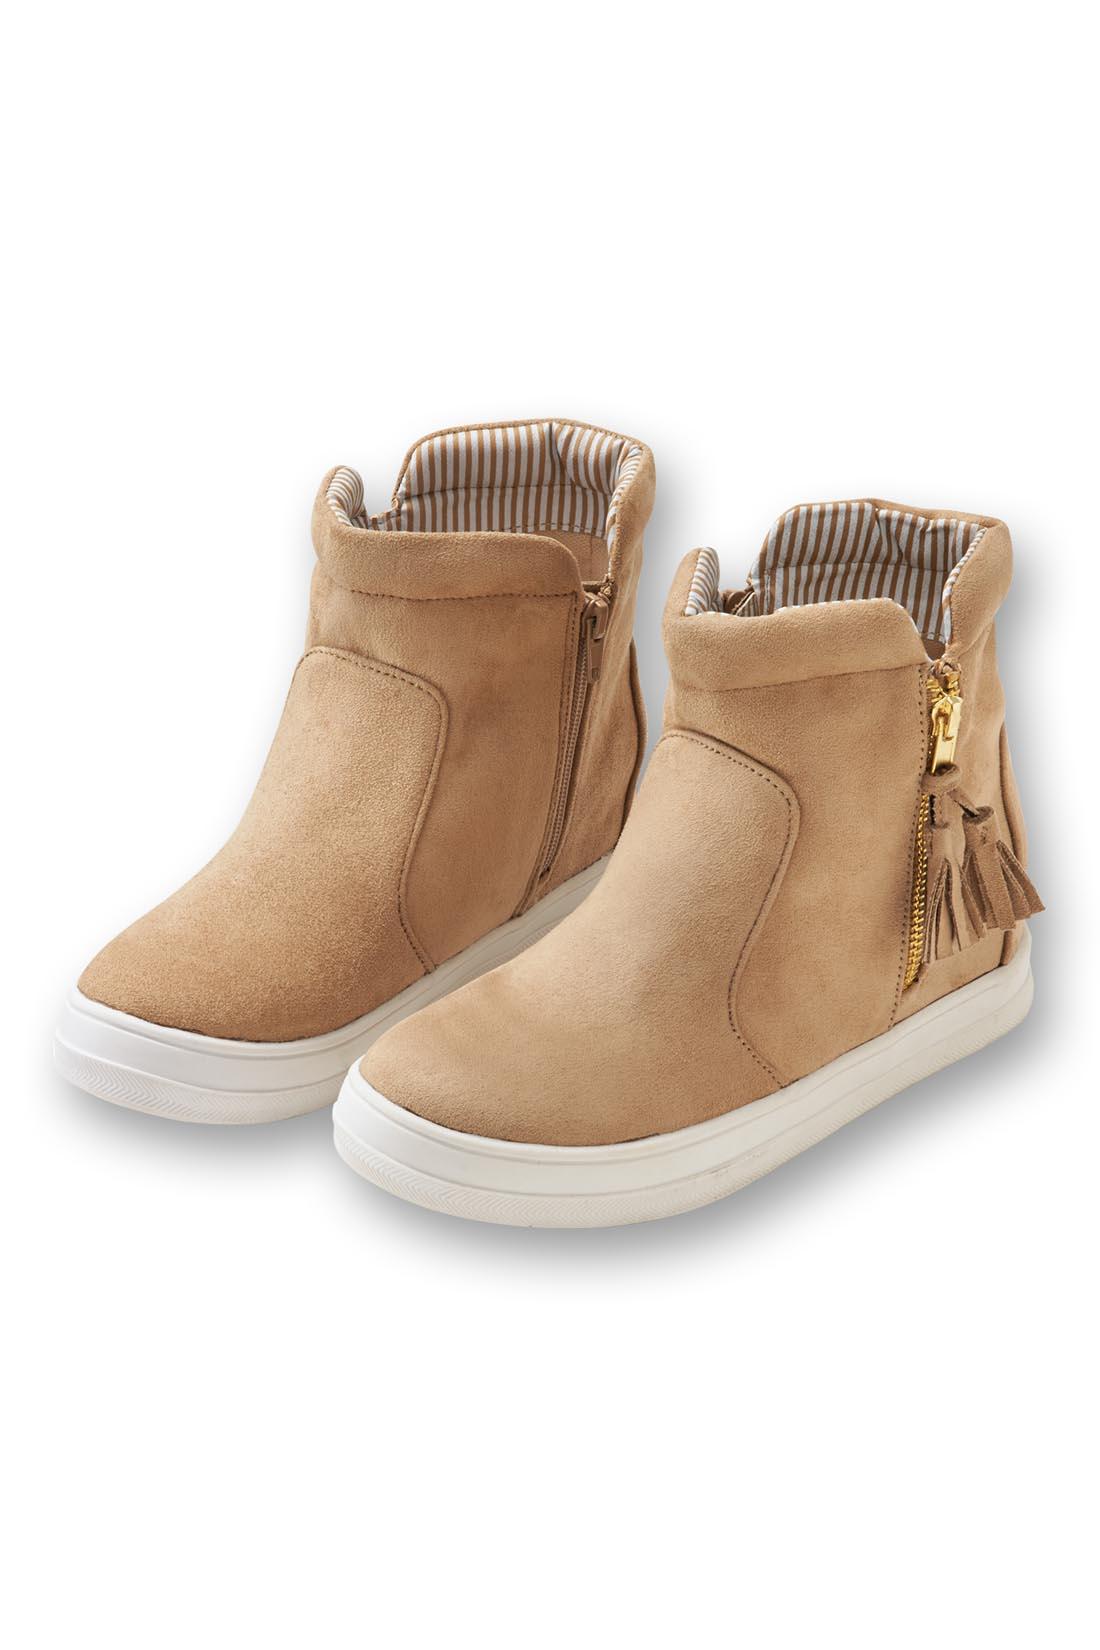 足もとが明るくキマる〈ベージュ〉。ふかふかクッション入りの履き口で、足当たりやわらか。落ち着きのあるスエード調素材が、きれいめスタイルにも似合います。